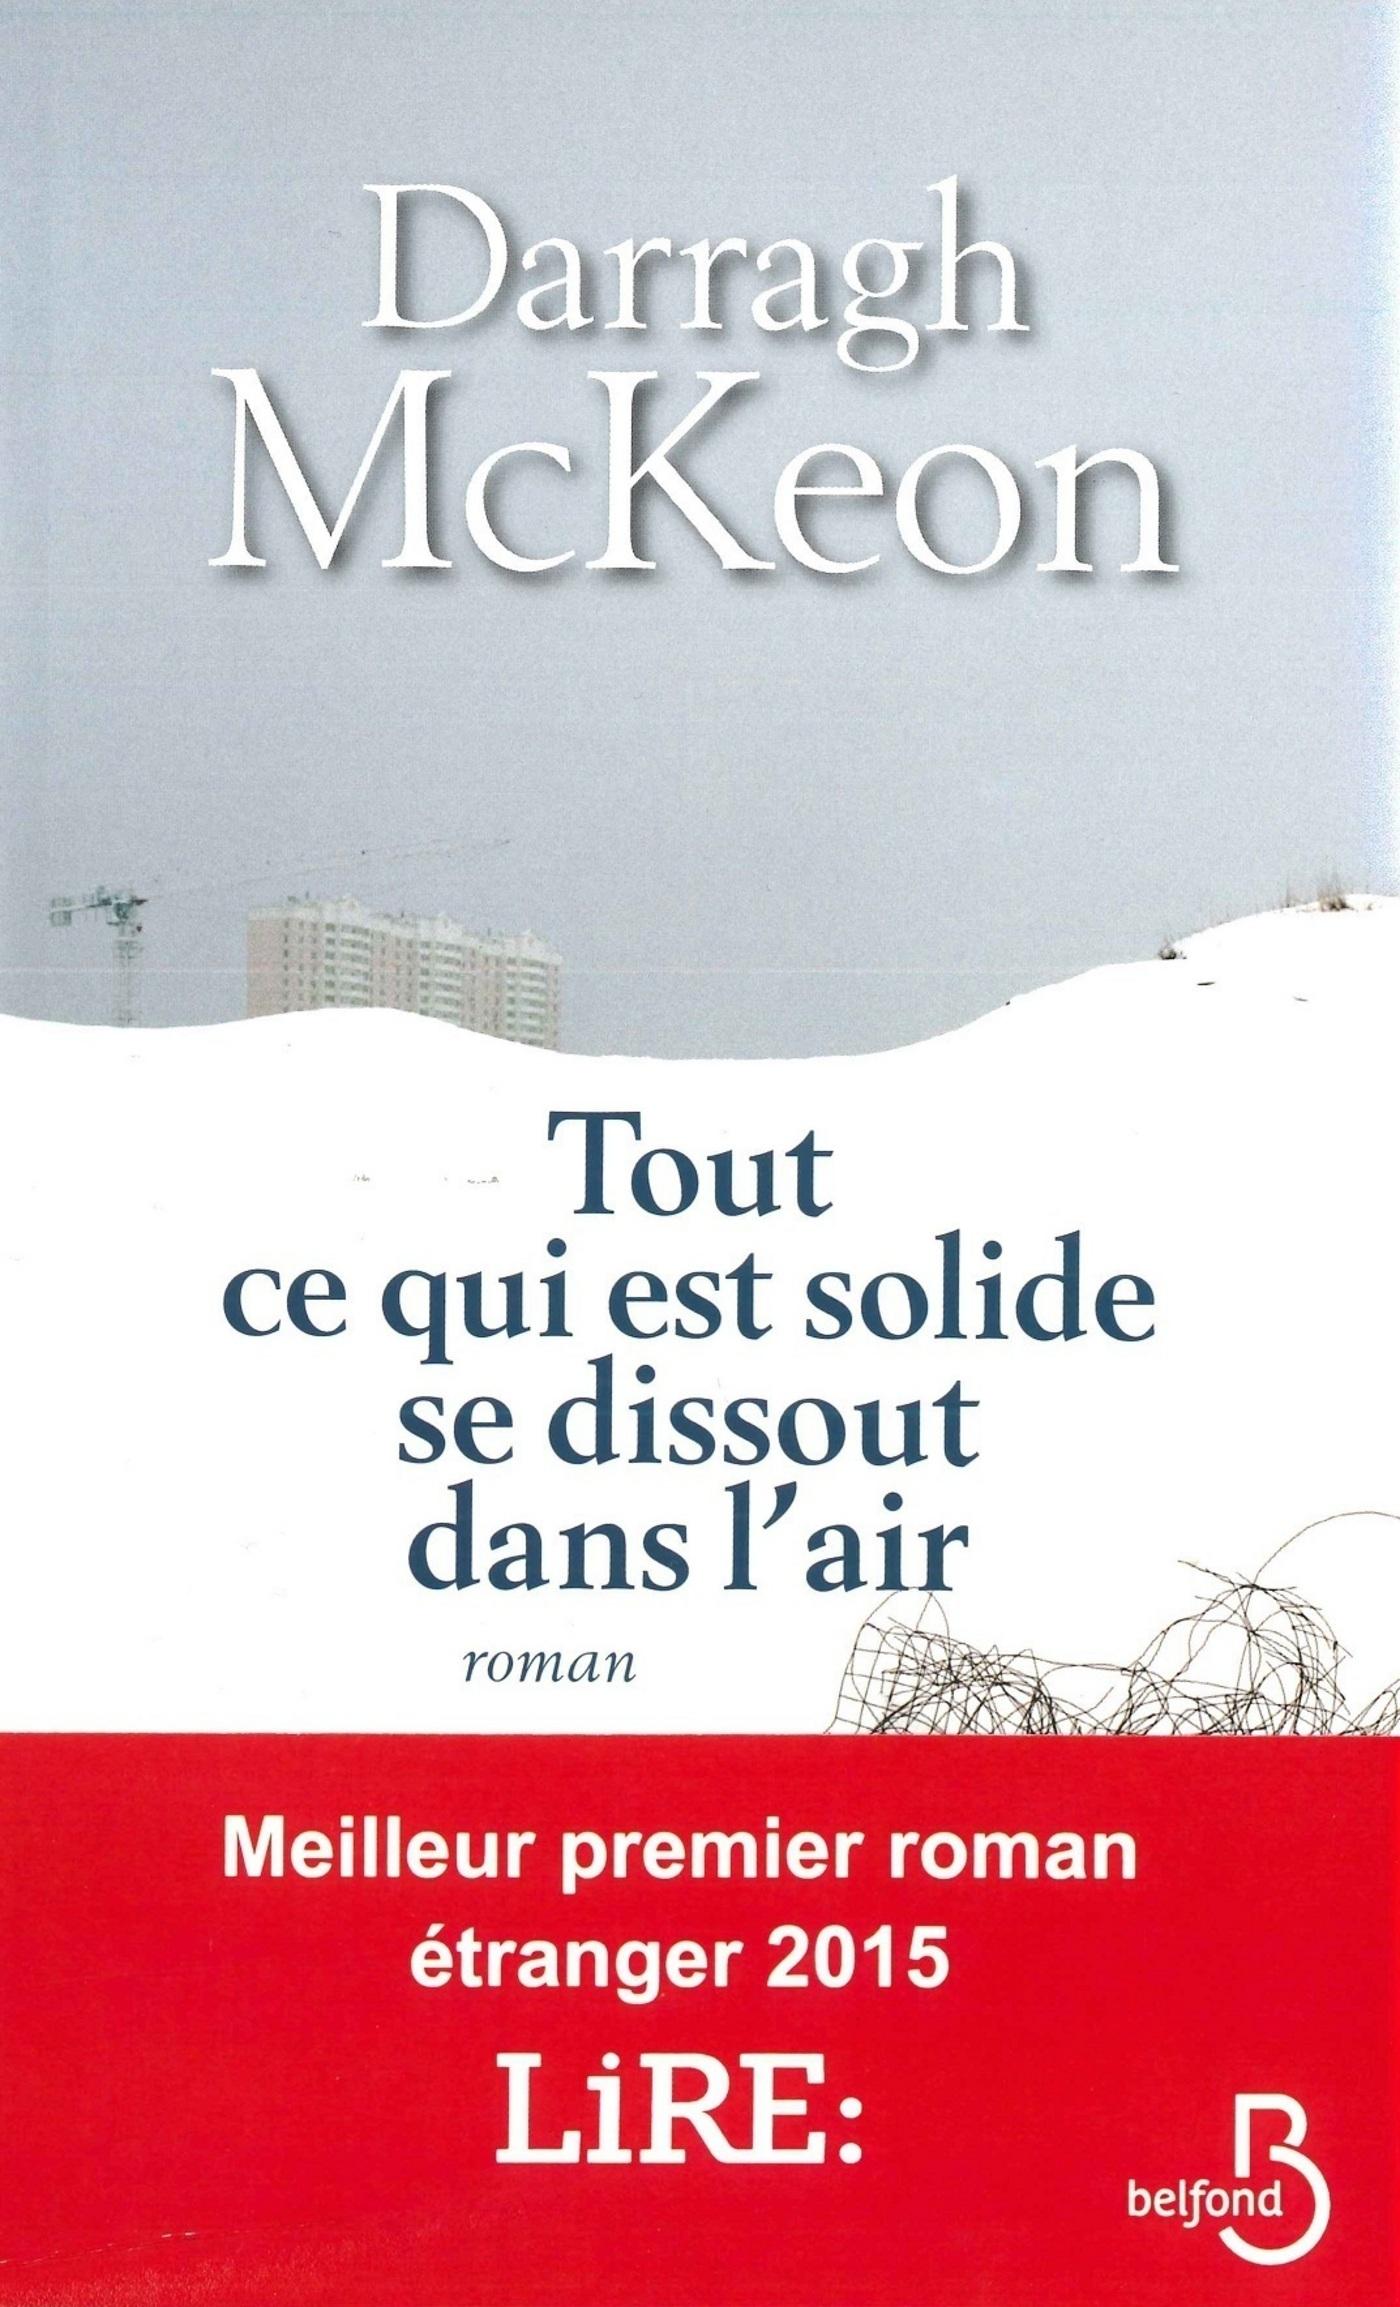 Couverture : Tout ce qui est solide se dissout dans l'air Darragh Mckeon